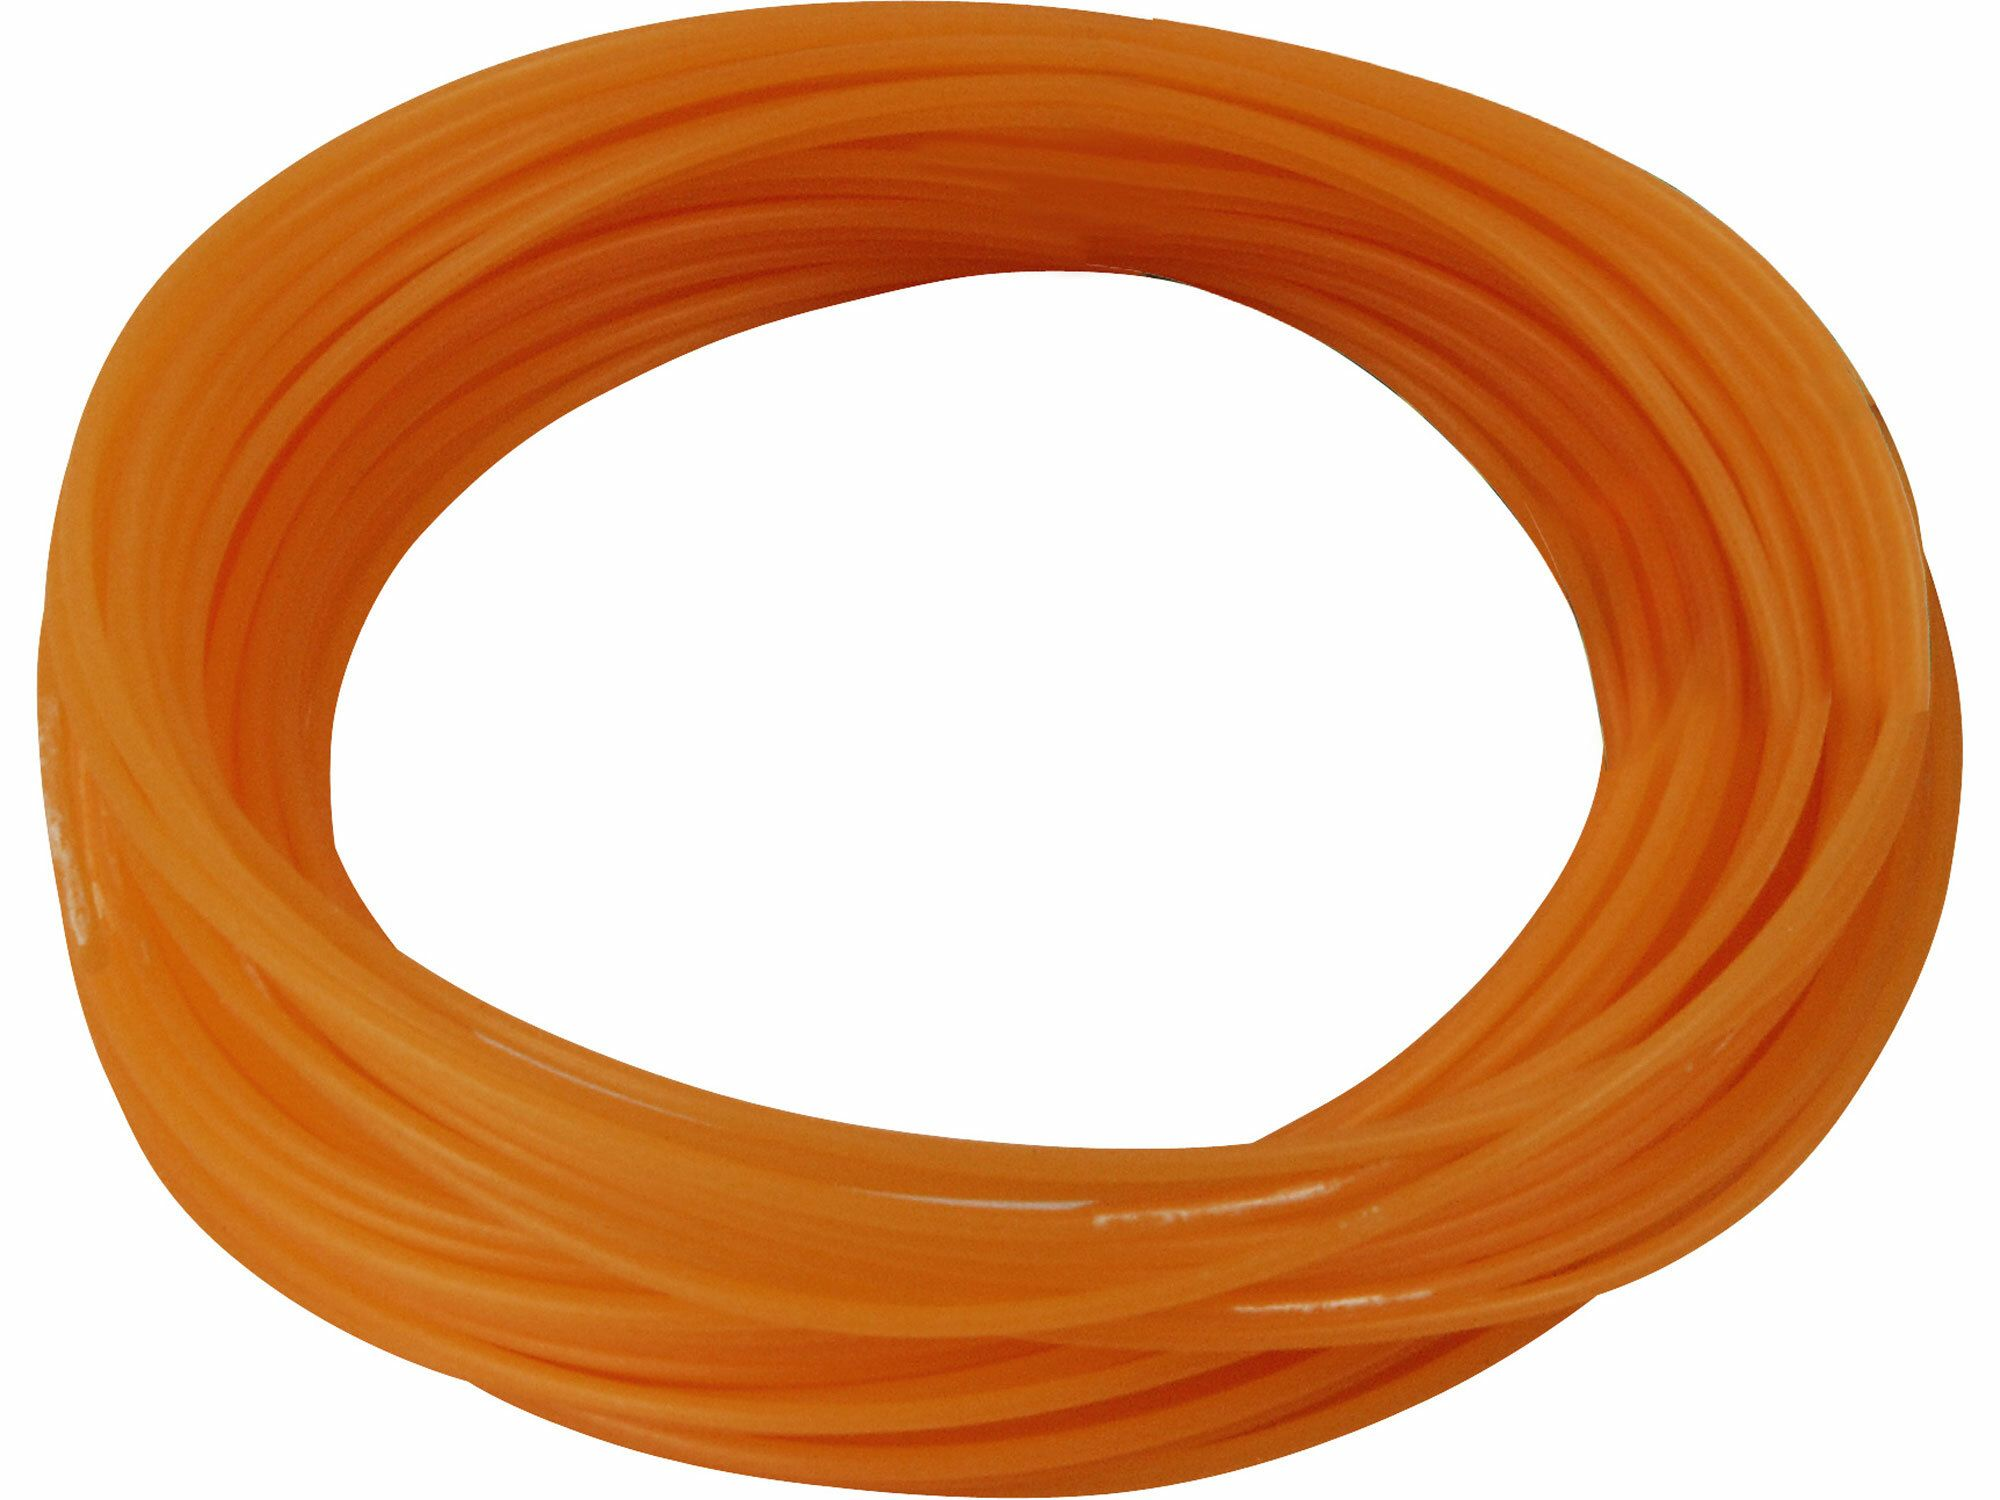 Struna do sekačky, 3,0mm, 15m, kruhový profil, nylon EXTOL-CRAFT